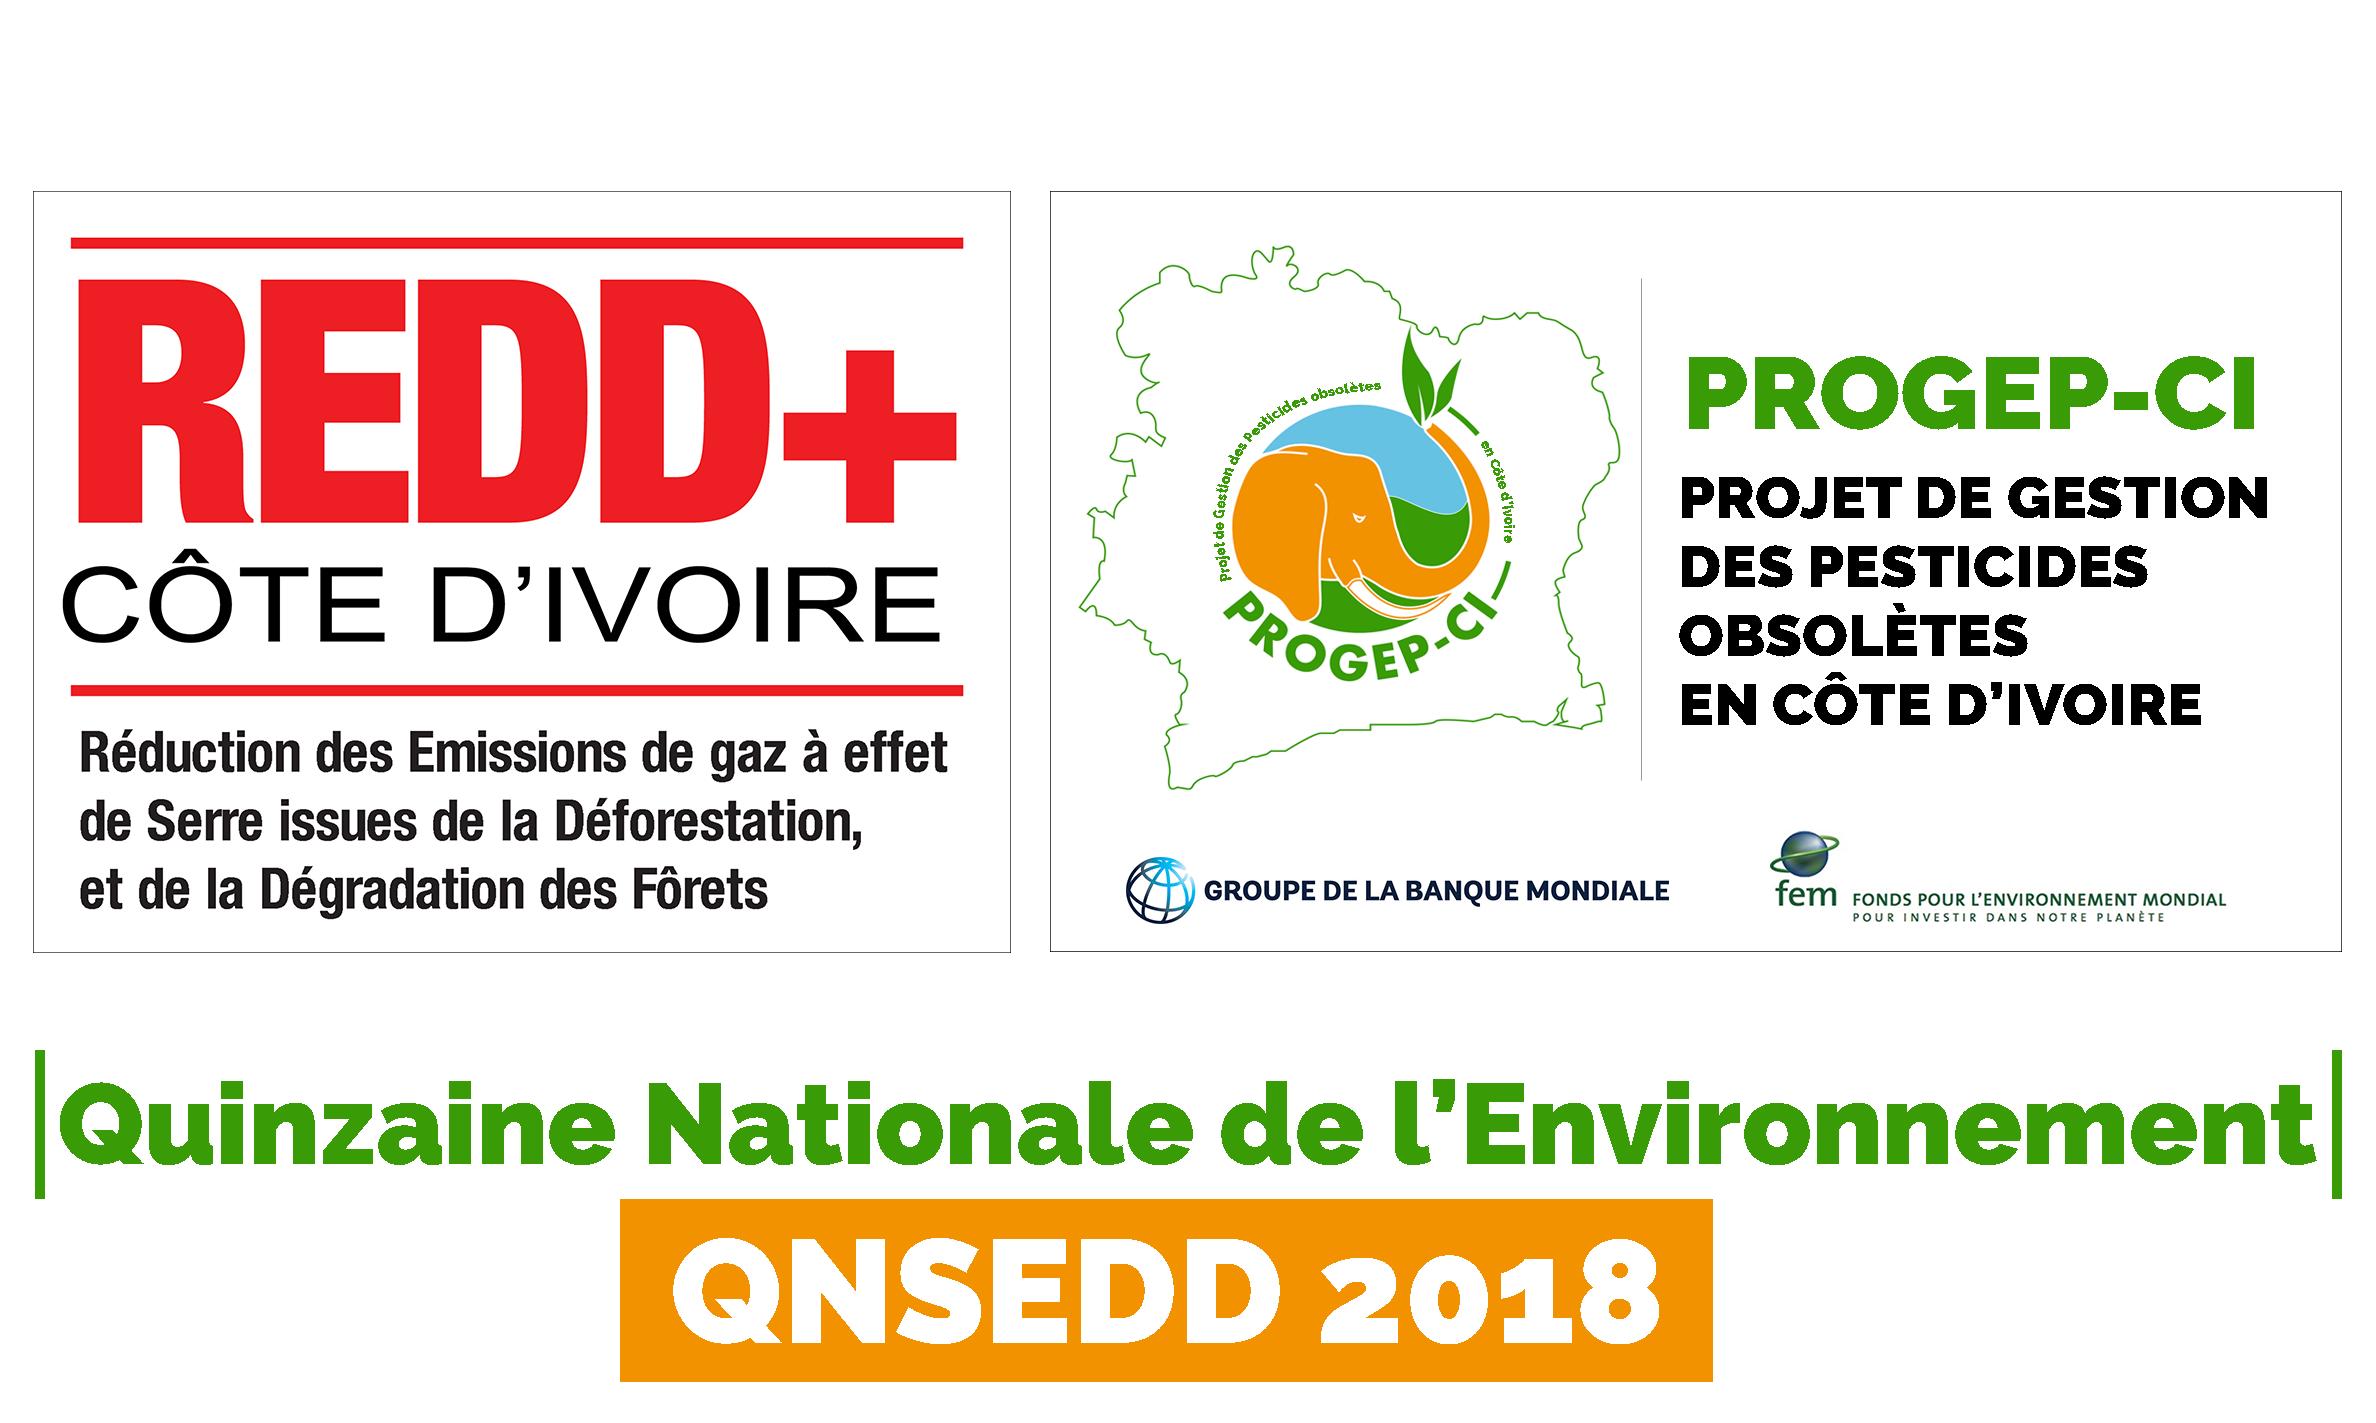 COMMUNIQUE DE PRESSE : La REDD+ et le PROGEP-CI ont pris part à la première édition d'AGRIEDAYS, le 1er salon de l'agro-industrie et de l'environnement.